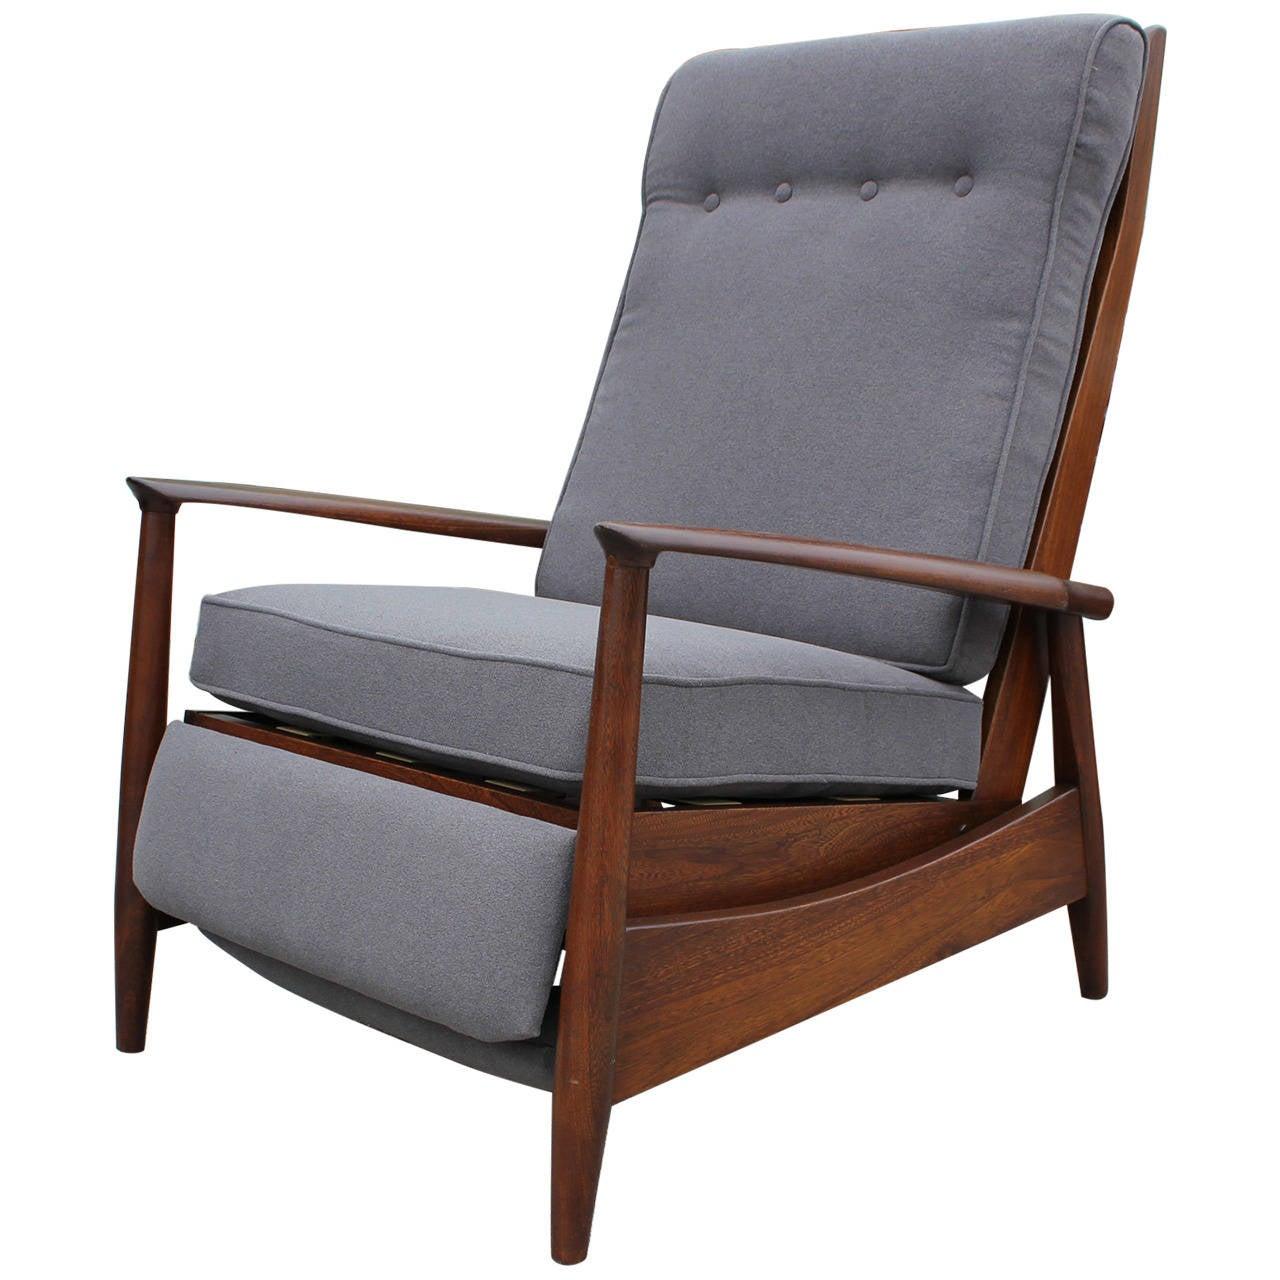 Scandinavian Reclining Lounge Chair 1  sc 1 st  1stDibs & Scandinavian Reclining Lounge Chair at 1stdibs islam-shia.org